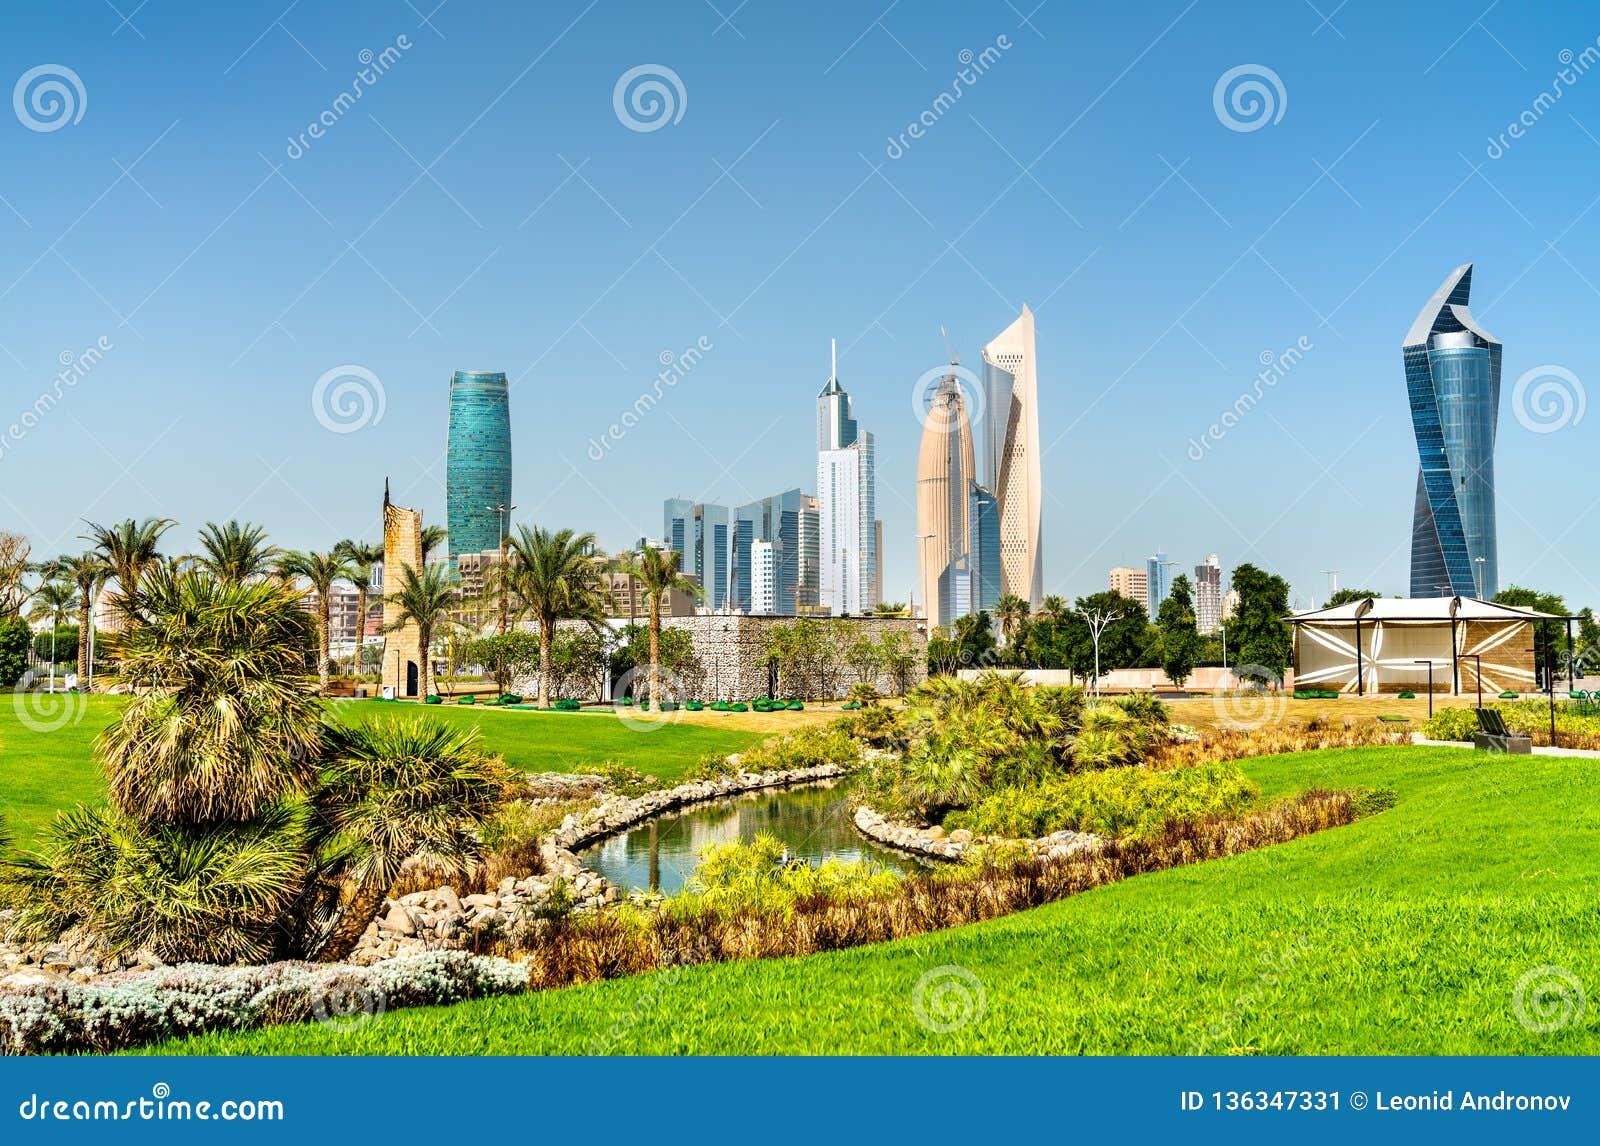 Skyline Of Kuwait City At Al Shaheed Park Stock Image - Image of